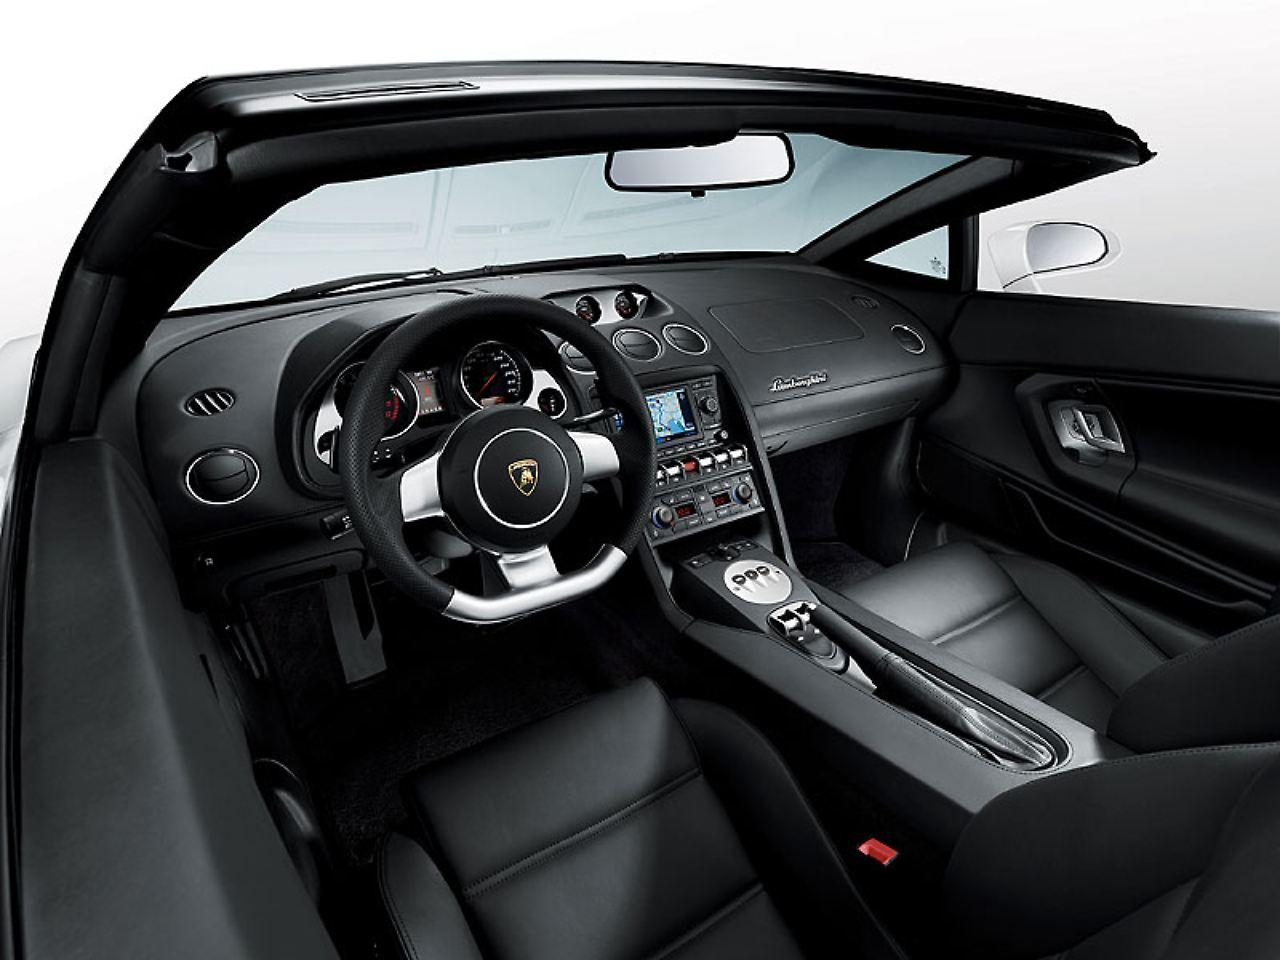 Lamborghini Reventon Innenraum